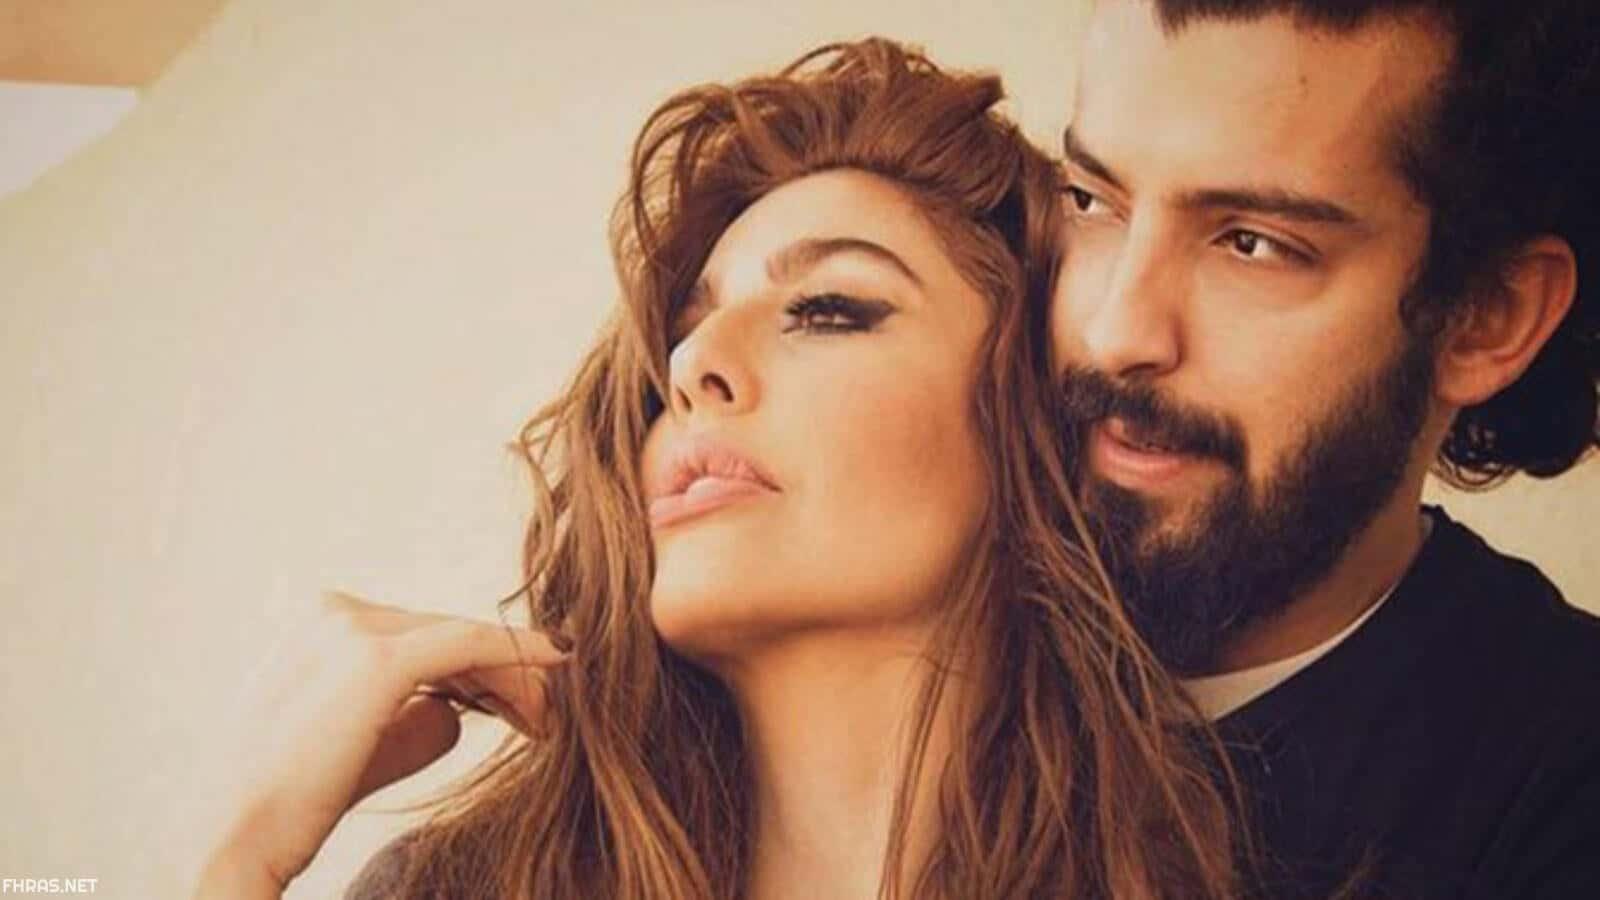 بالفيديو .. الممثلة اللبنانية ليلى اسكندر تؤكد اعتناقها الإسلام